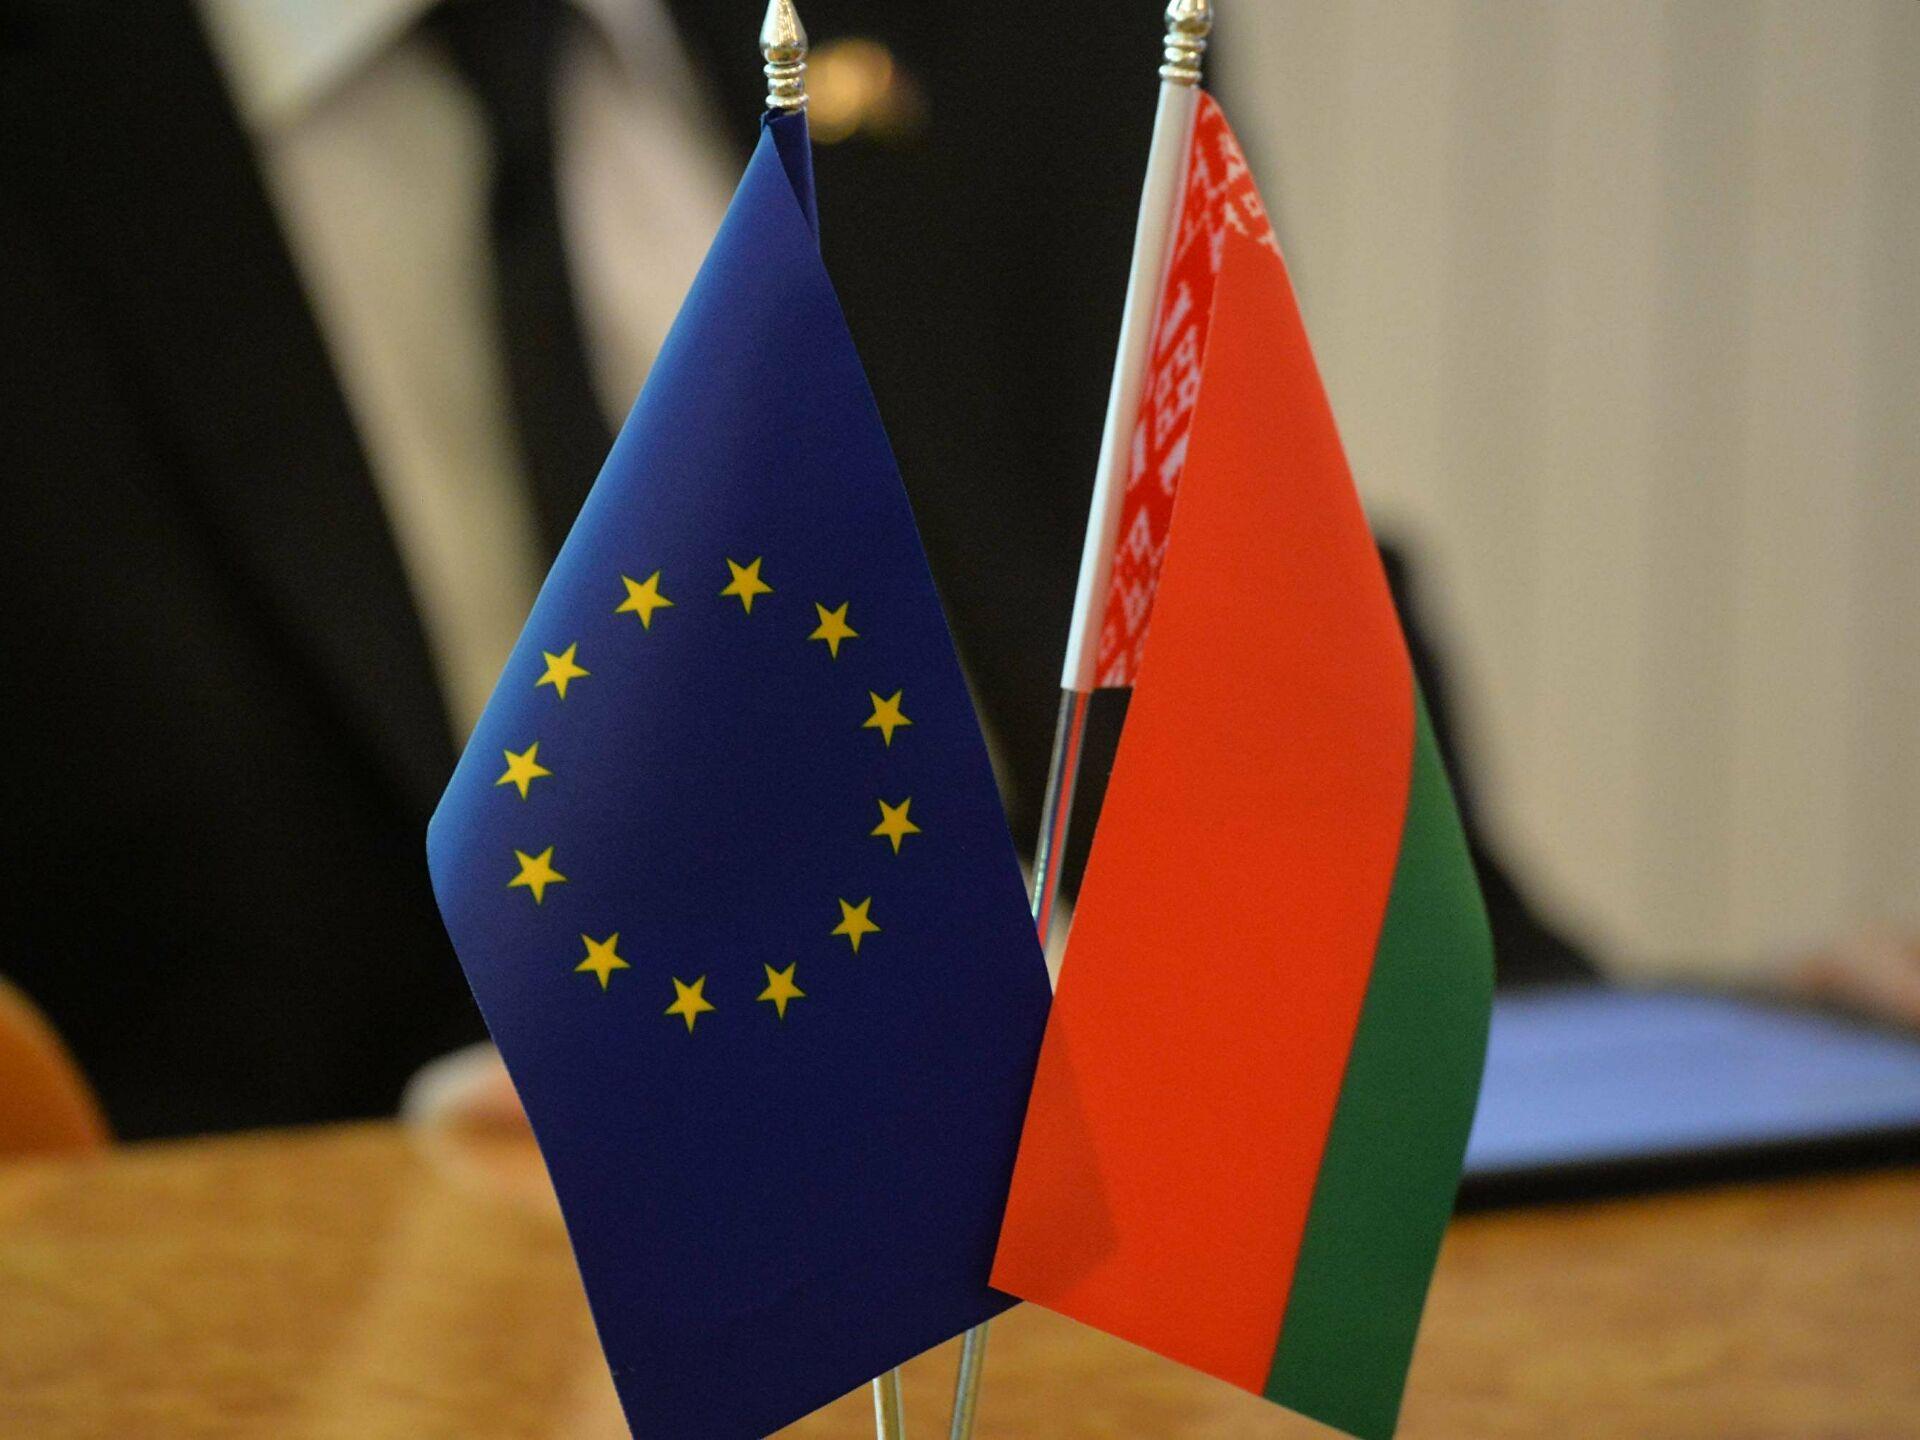 Белоруссия продолжит поставки в ЕС не попавшей под санкции продукции - премьер